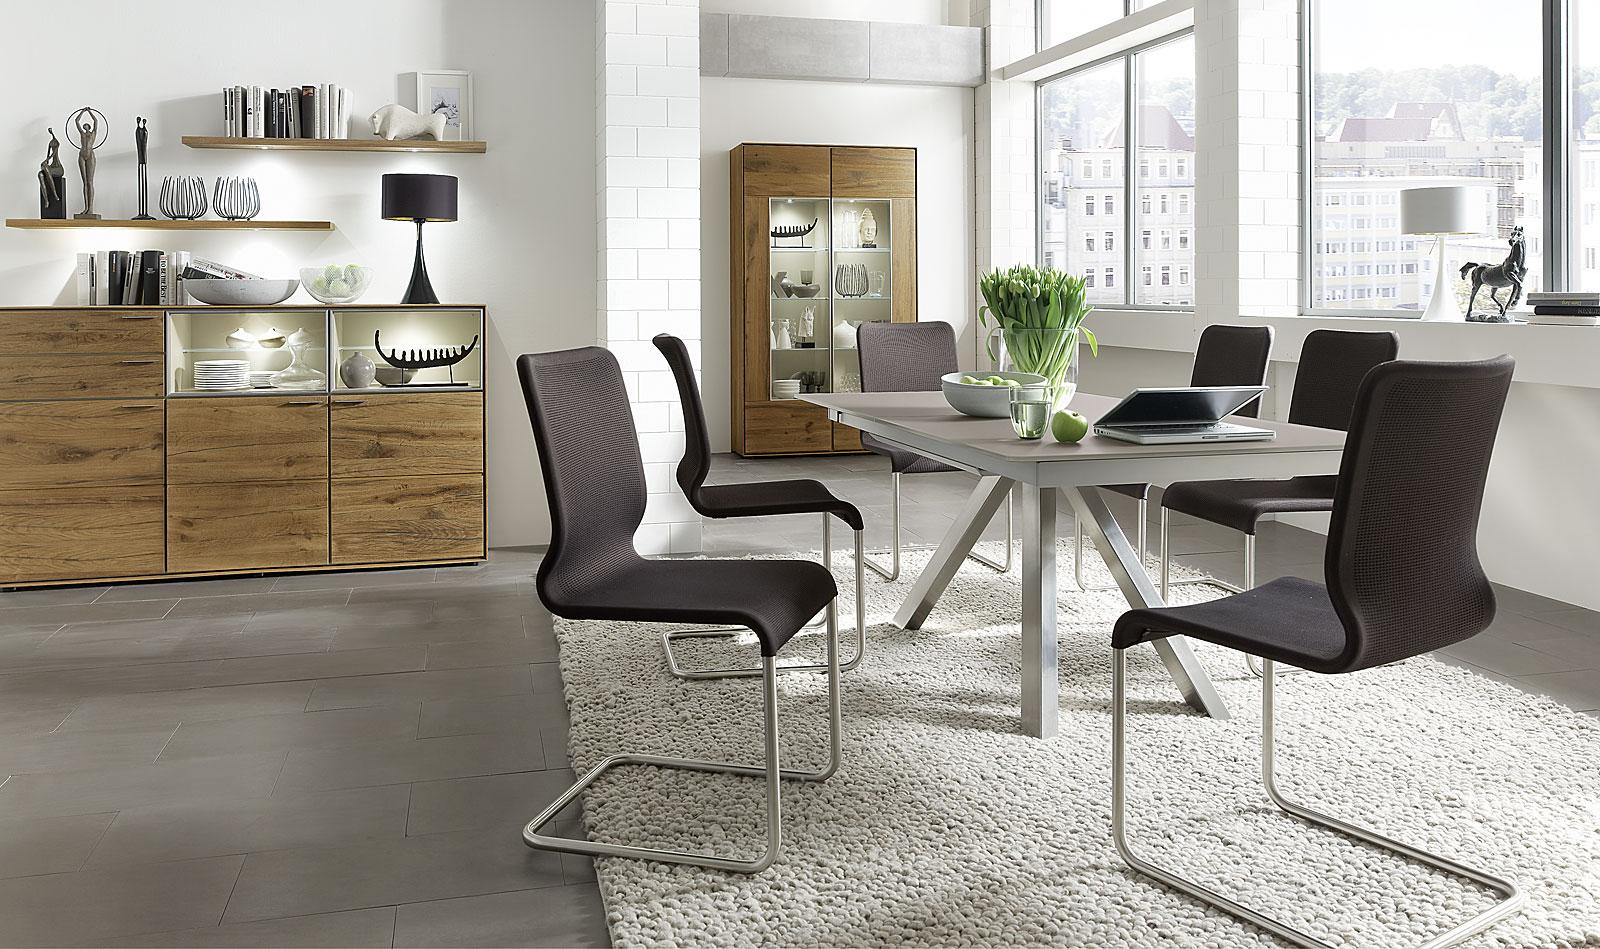 esszimmer venjakob venjakob esszimmer neckcream co venjakob esszimmer neckcream co. Black Bedroom Furniture Sets. Home Design Ideas